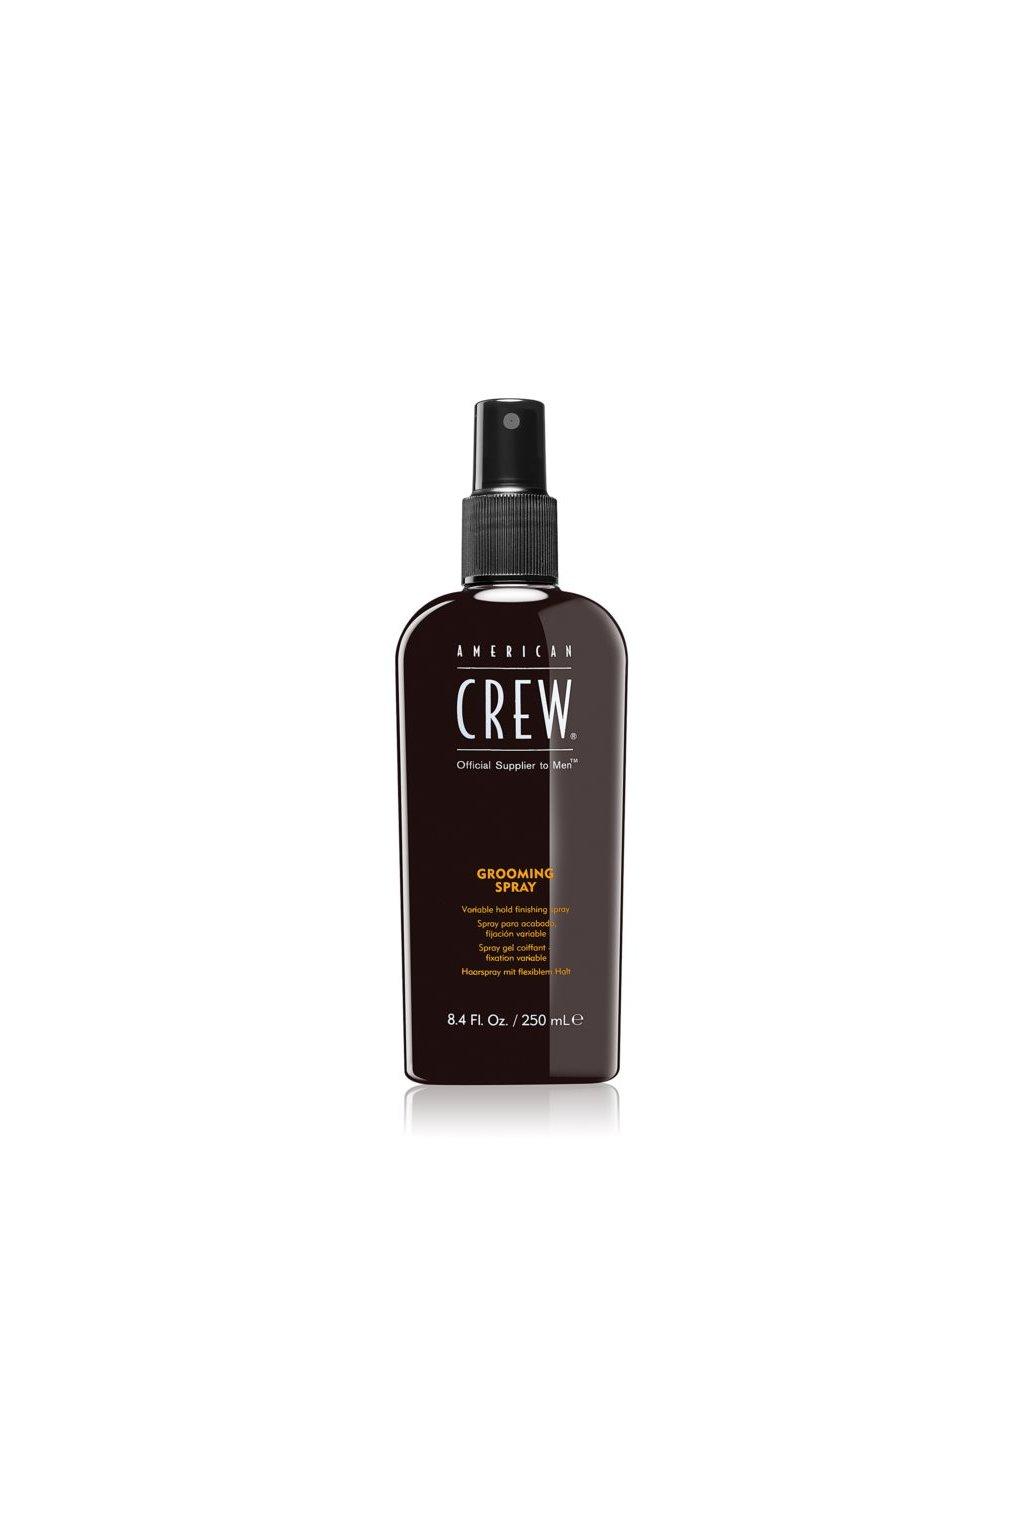 american crew styling grooming spray tvarujici sprej pro pruzne zpevneni 250 ml